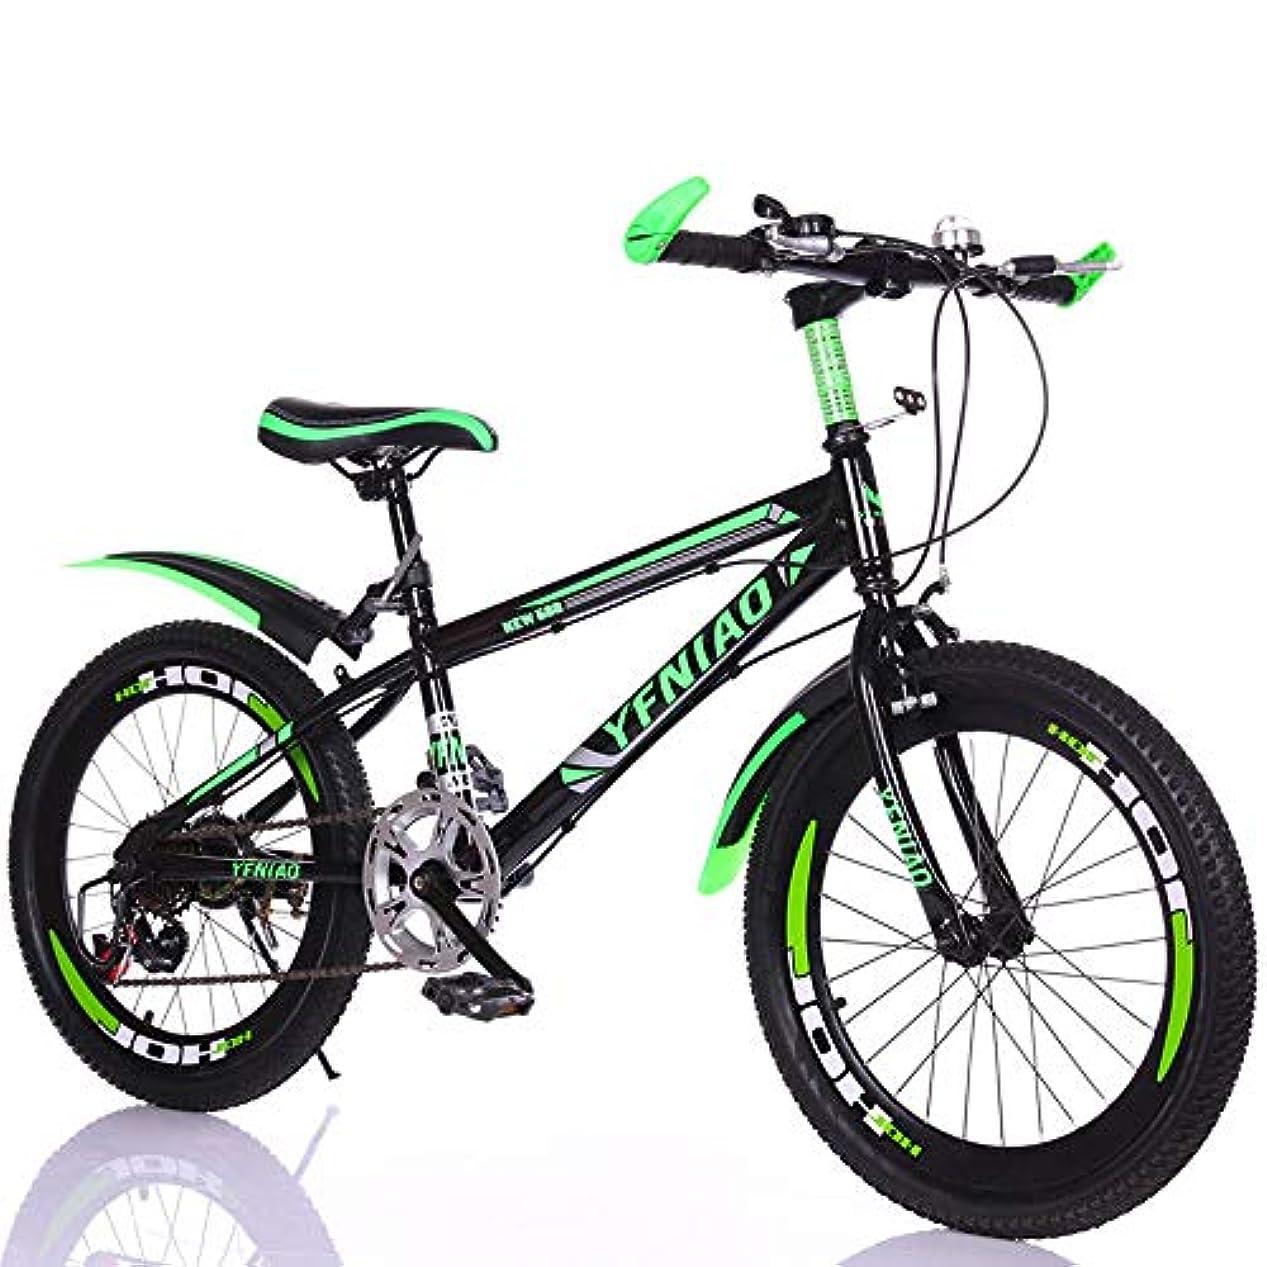 講堂ギターコロニアル学生用自転車、6?12歳の男の子用可変速自転車、男性および女性用20/22インチ、旅行学習および自転車、MTB,グリーン,22inches